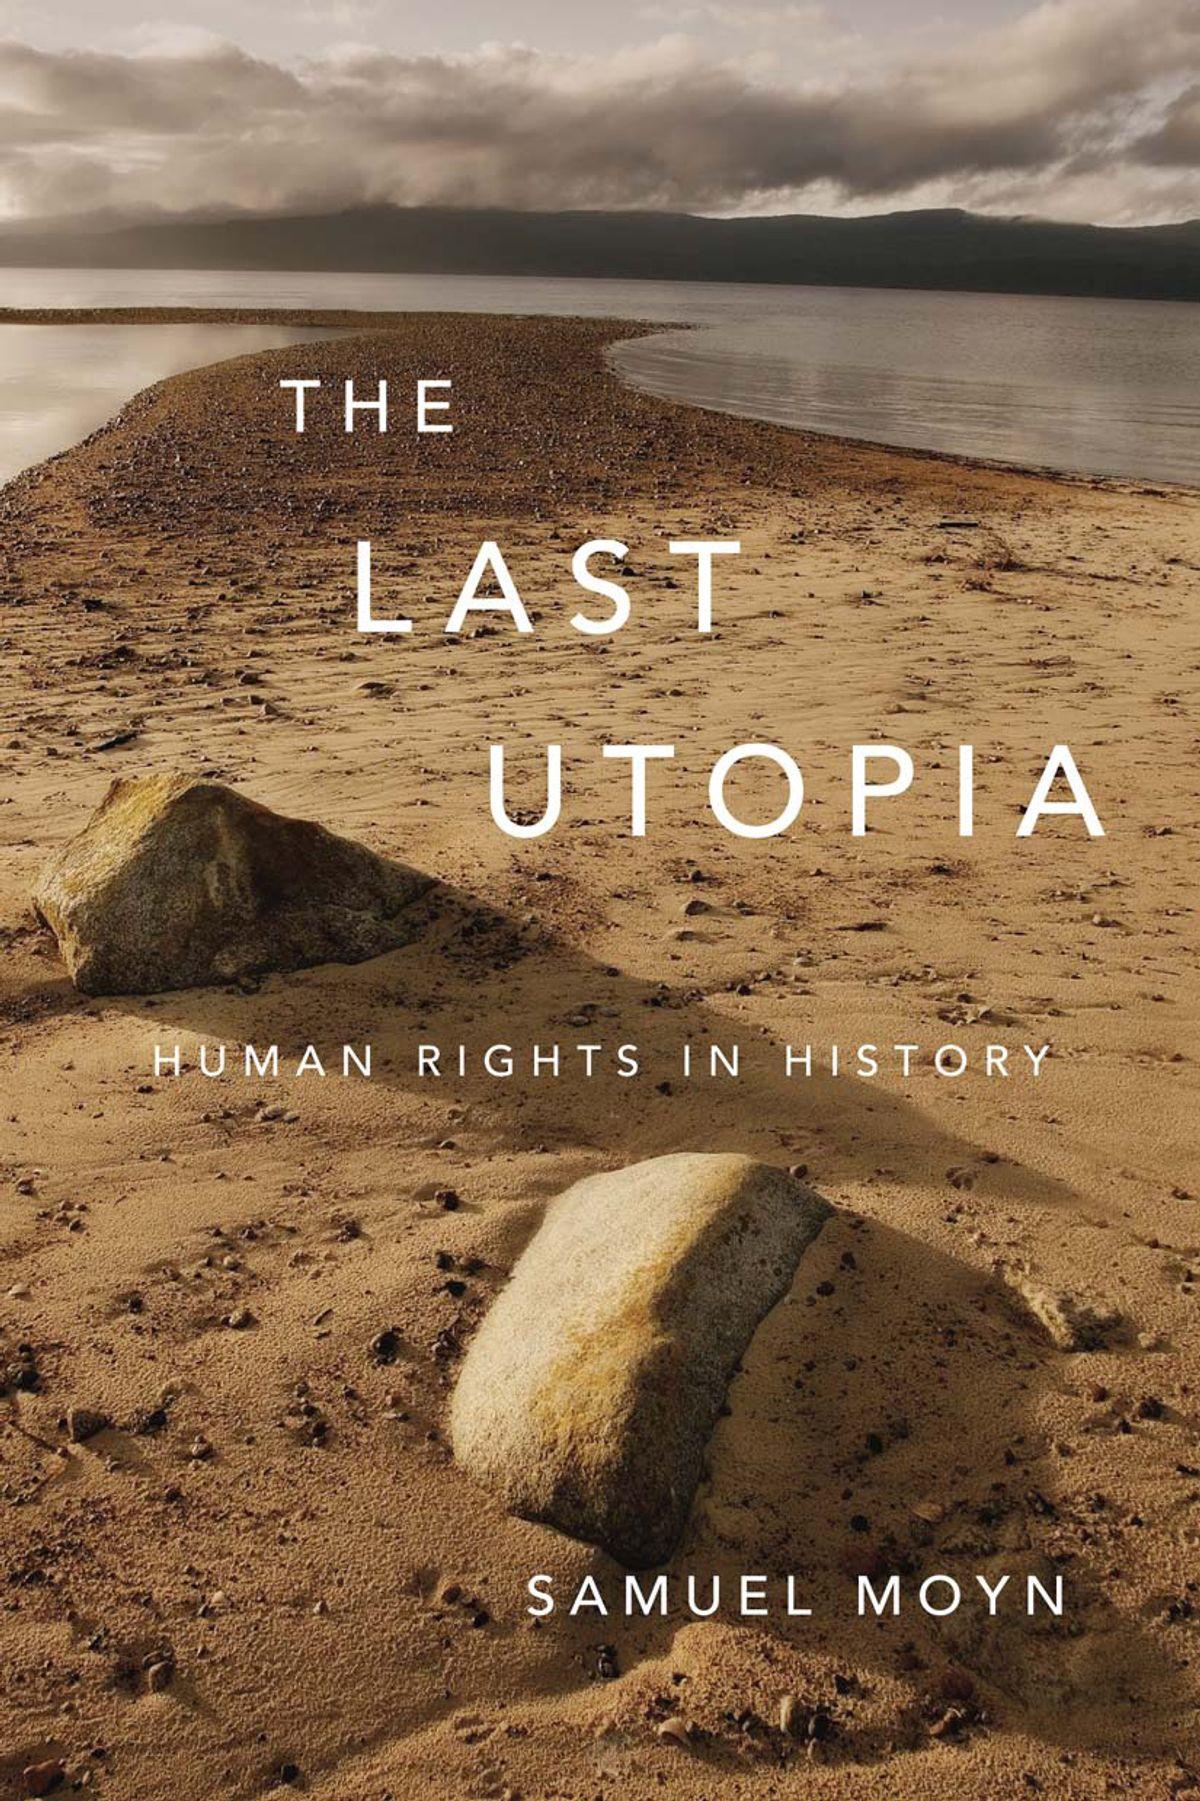 The Last Utopia, by Samuel Moyn (Mjl689)